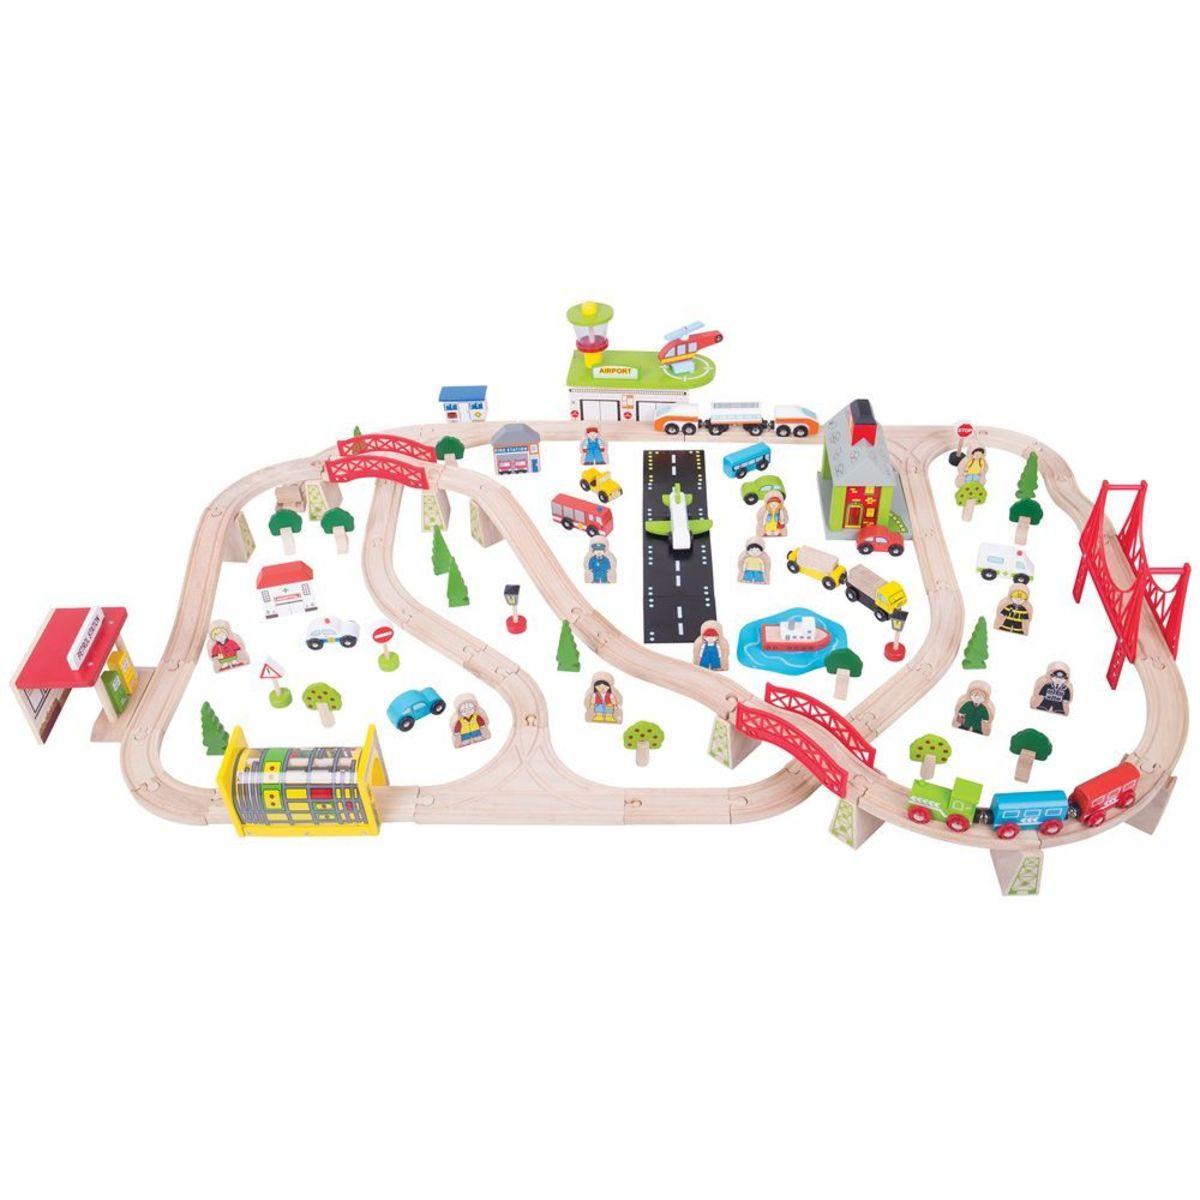 Veľká vlaková dráha s letiskom BJT018 Wooden railway set